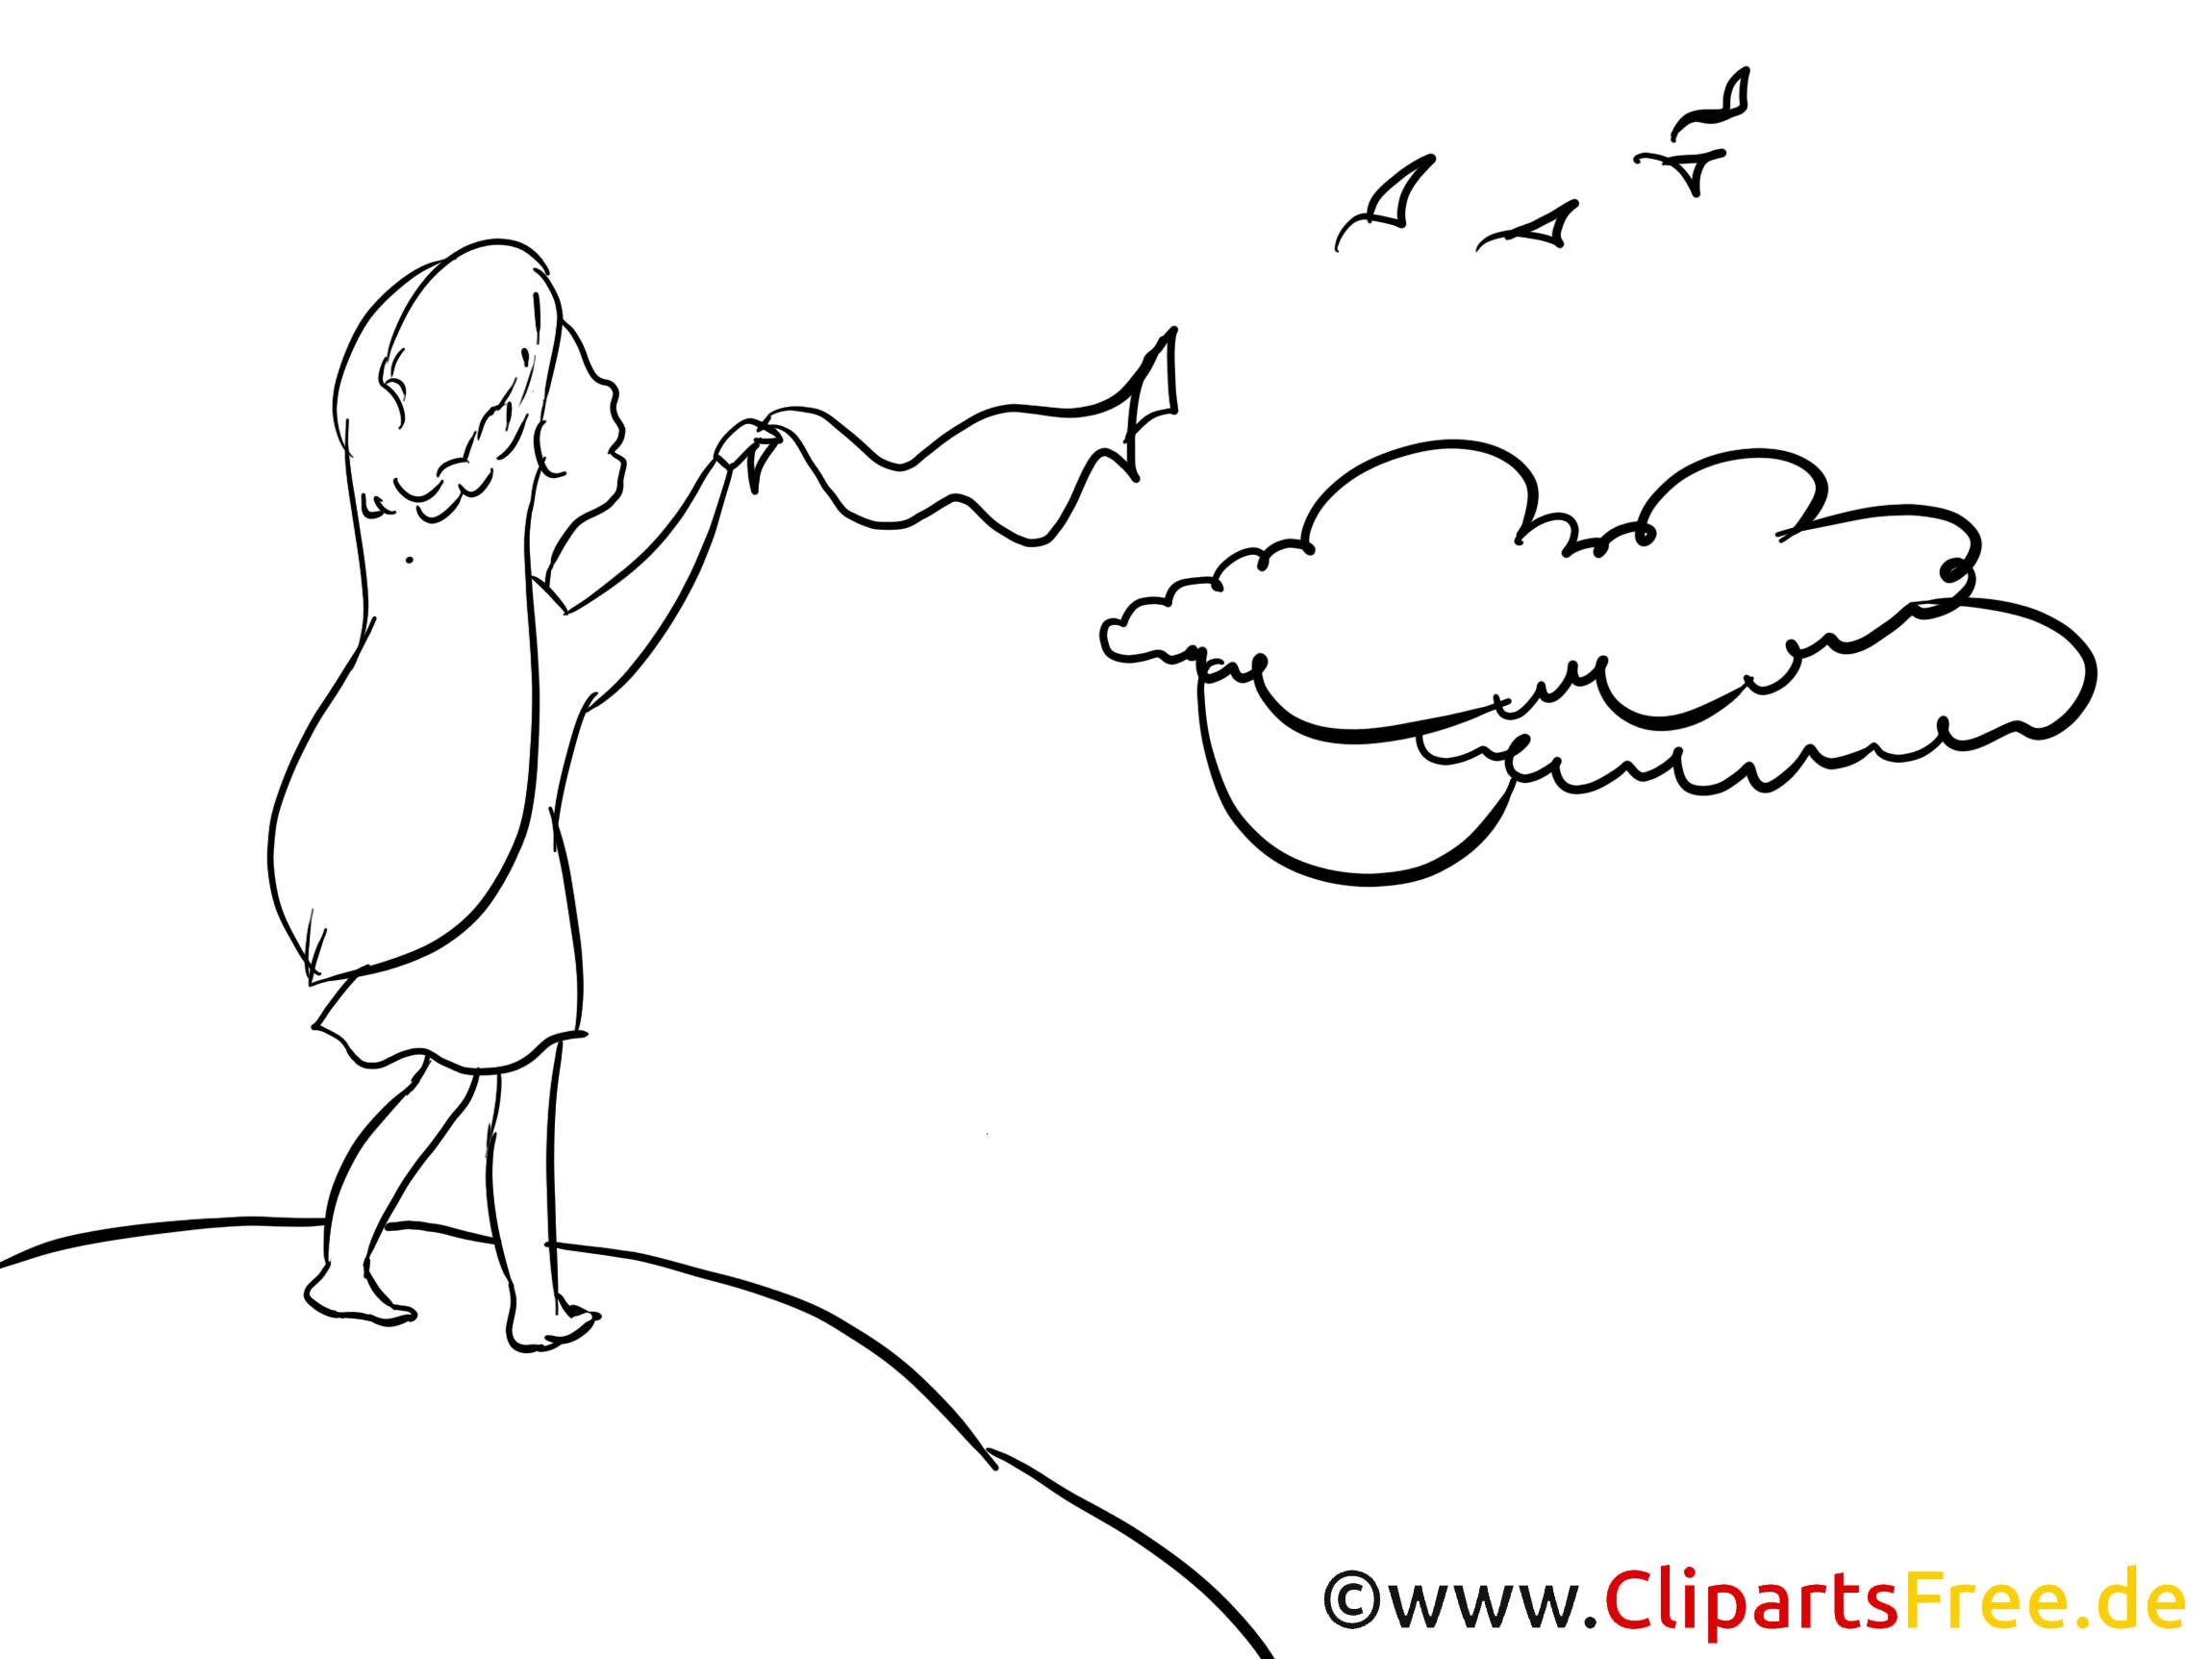 Femme adieu illustration à colorier gratuite